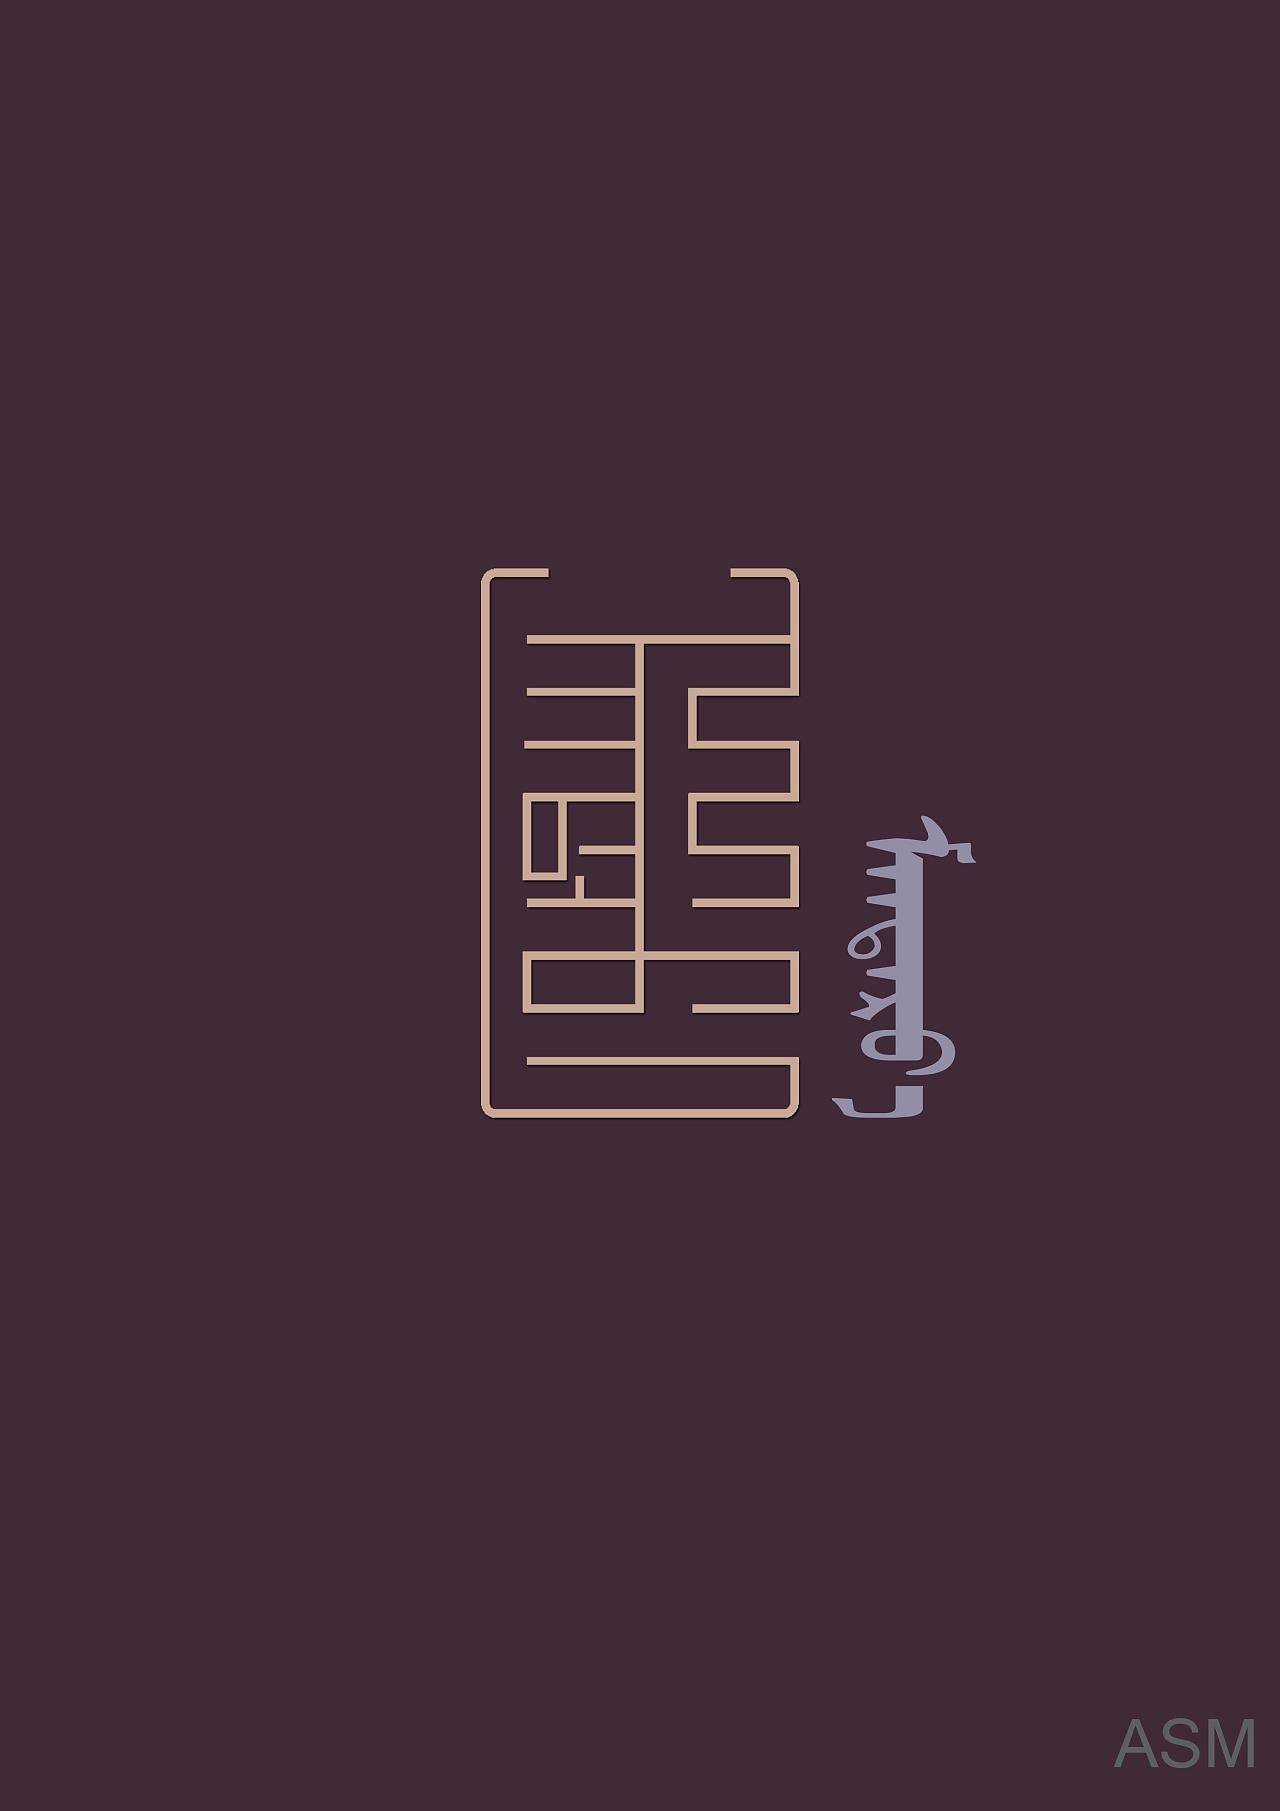 蒙古艺术文字3 -阿斯玛设计 第2张 蒙古艺术文字3 -阿斯玛设计 蒙古设计